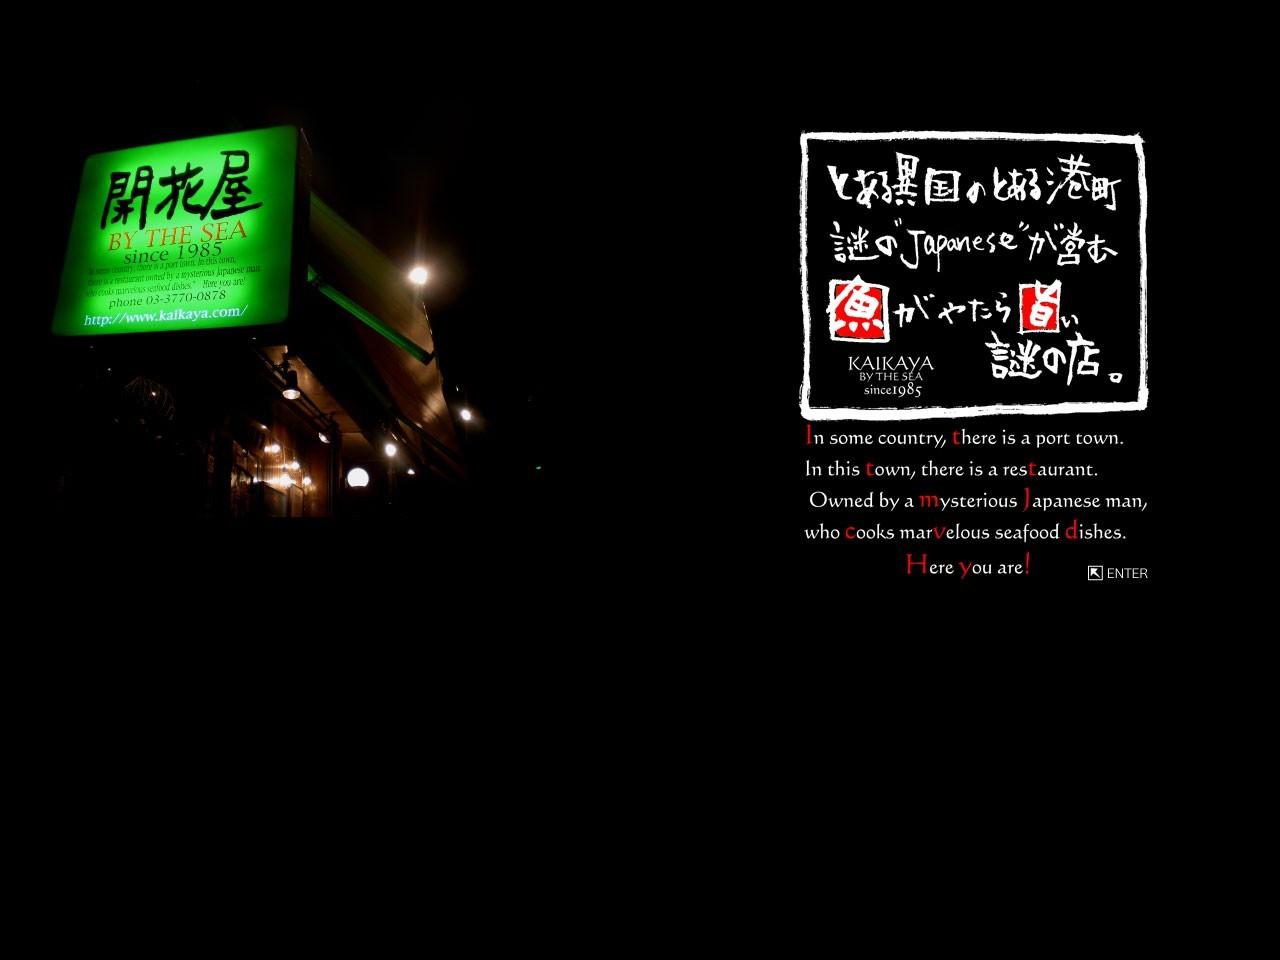 開花屋渋谷店